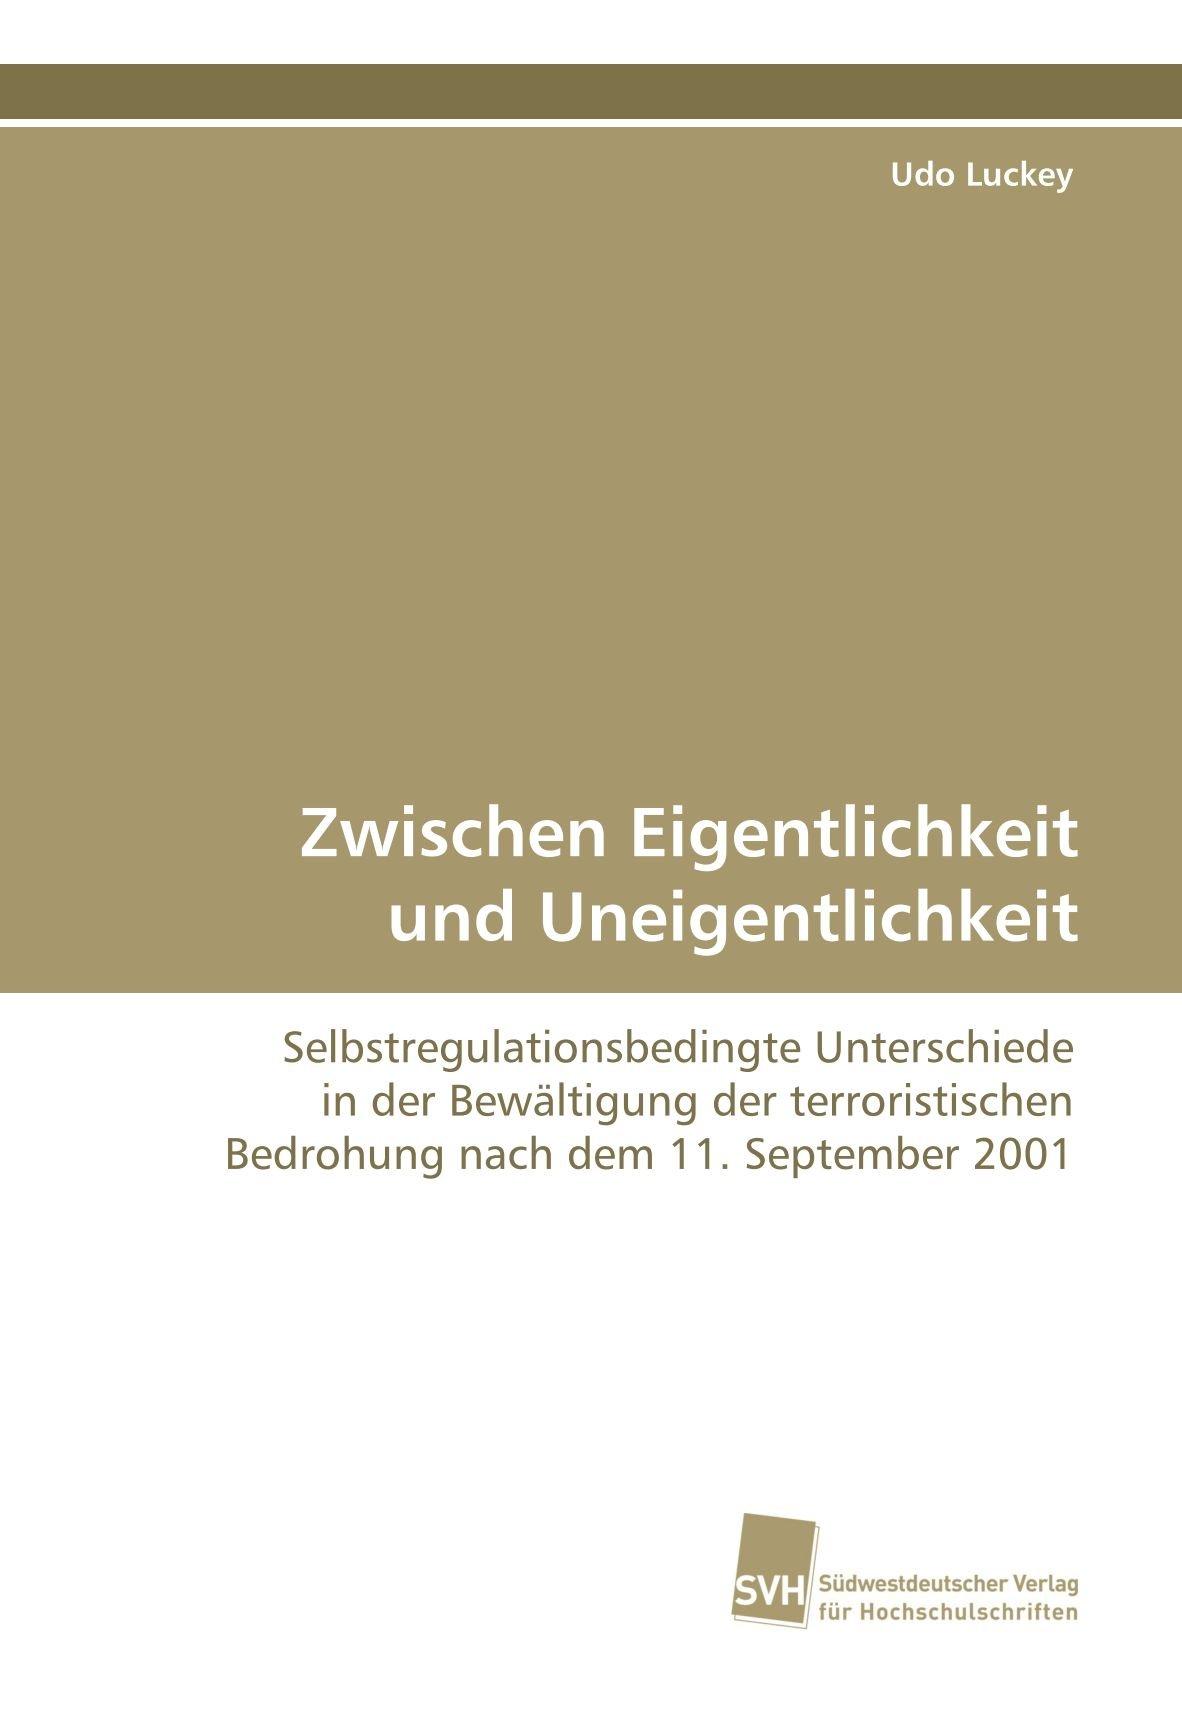 Zwischen Eigentlichkeit und Uneigentlichkeit: Selbstregulationsbedingte Unterschiede in der Bewältigung der terroristischen Bedrohung nach dem 11. September 2001